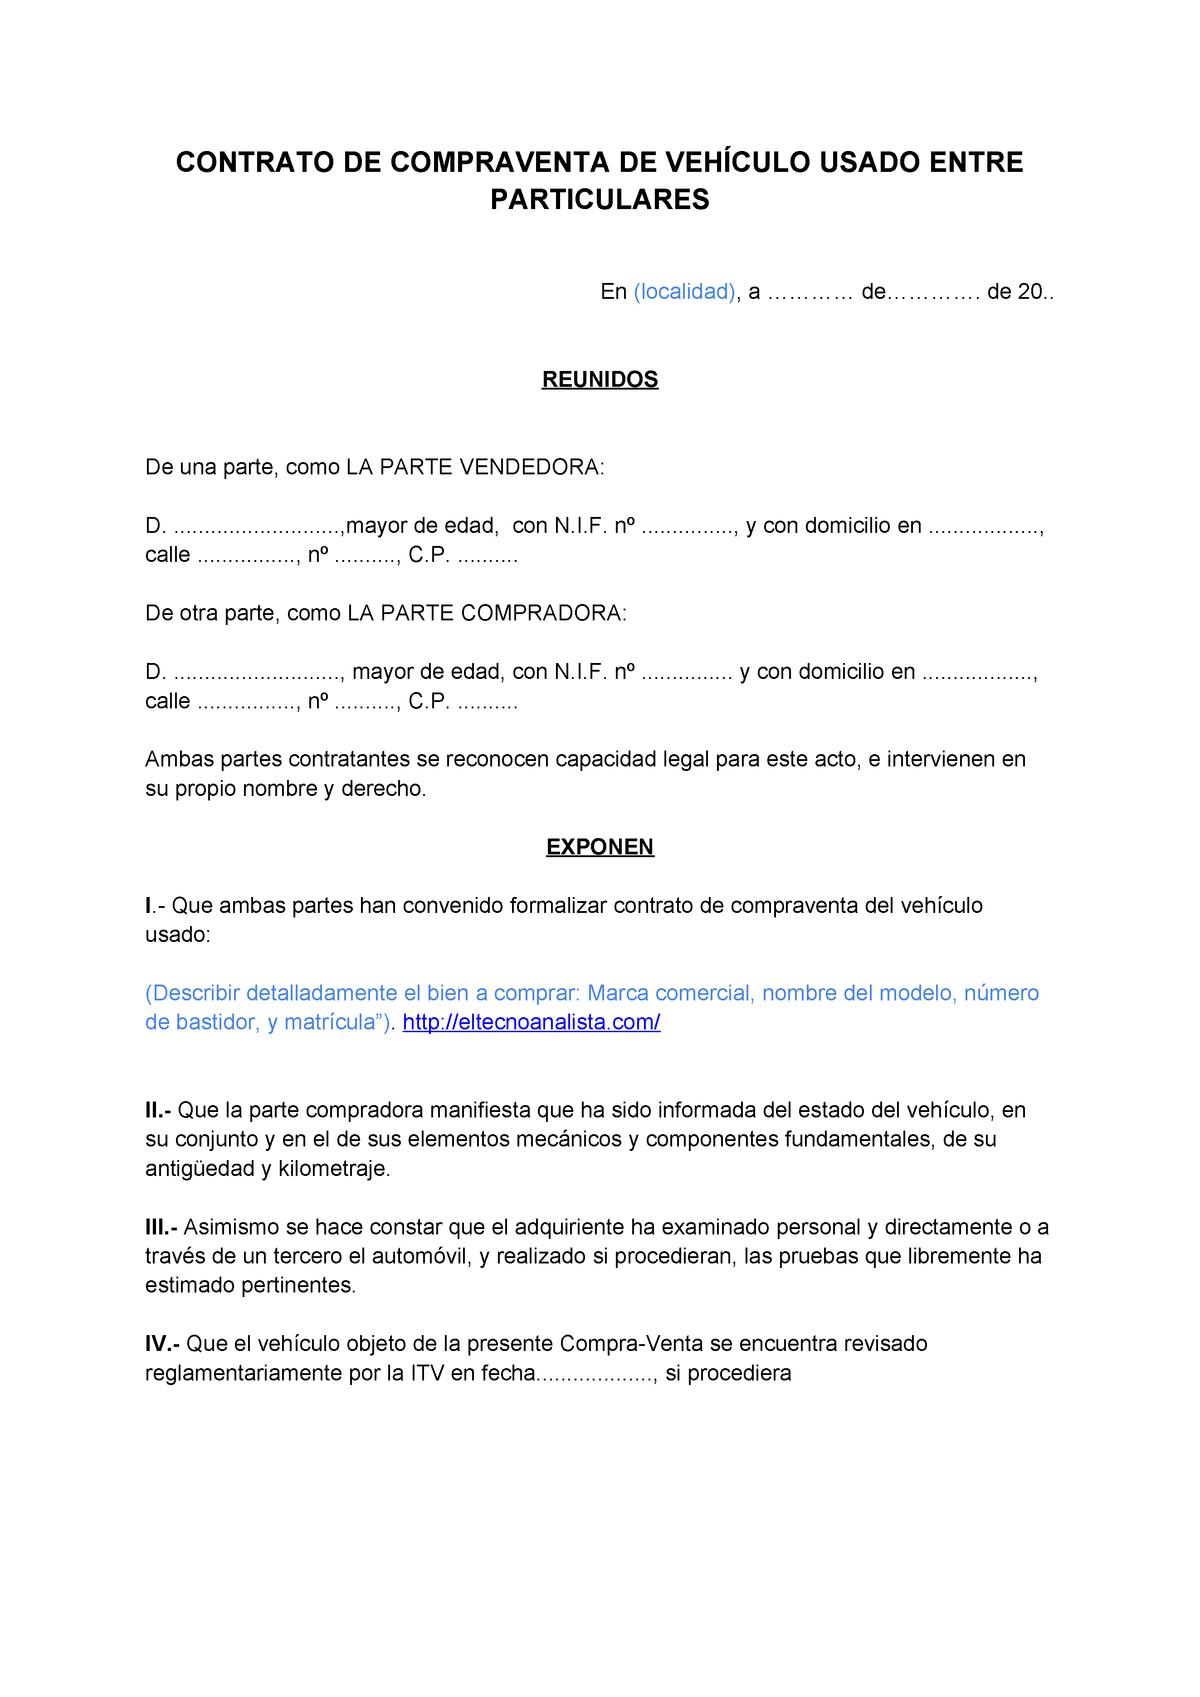 Contrato Compraventa Vehículos Usados Studocu